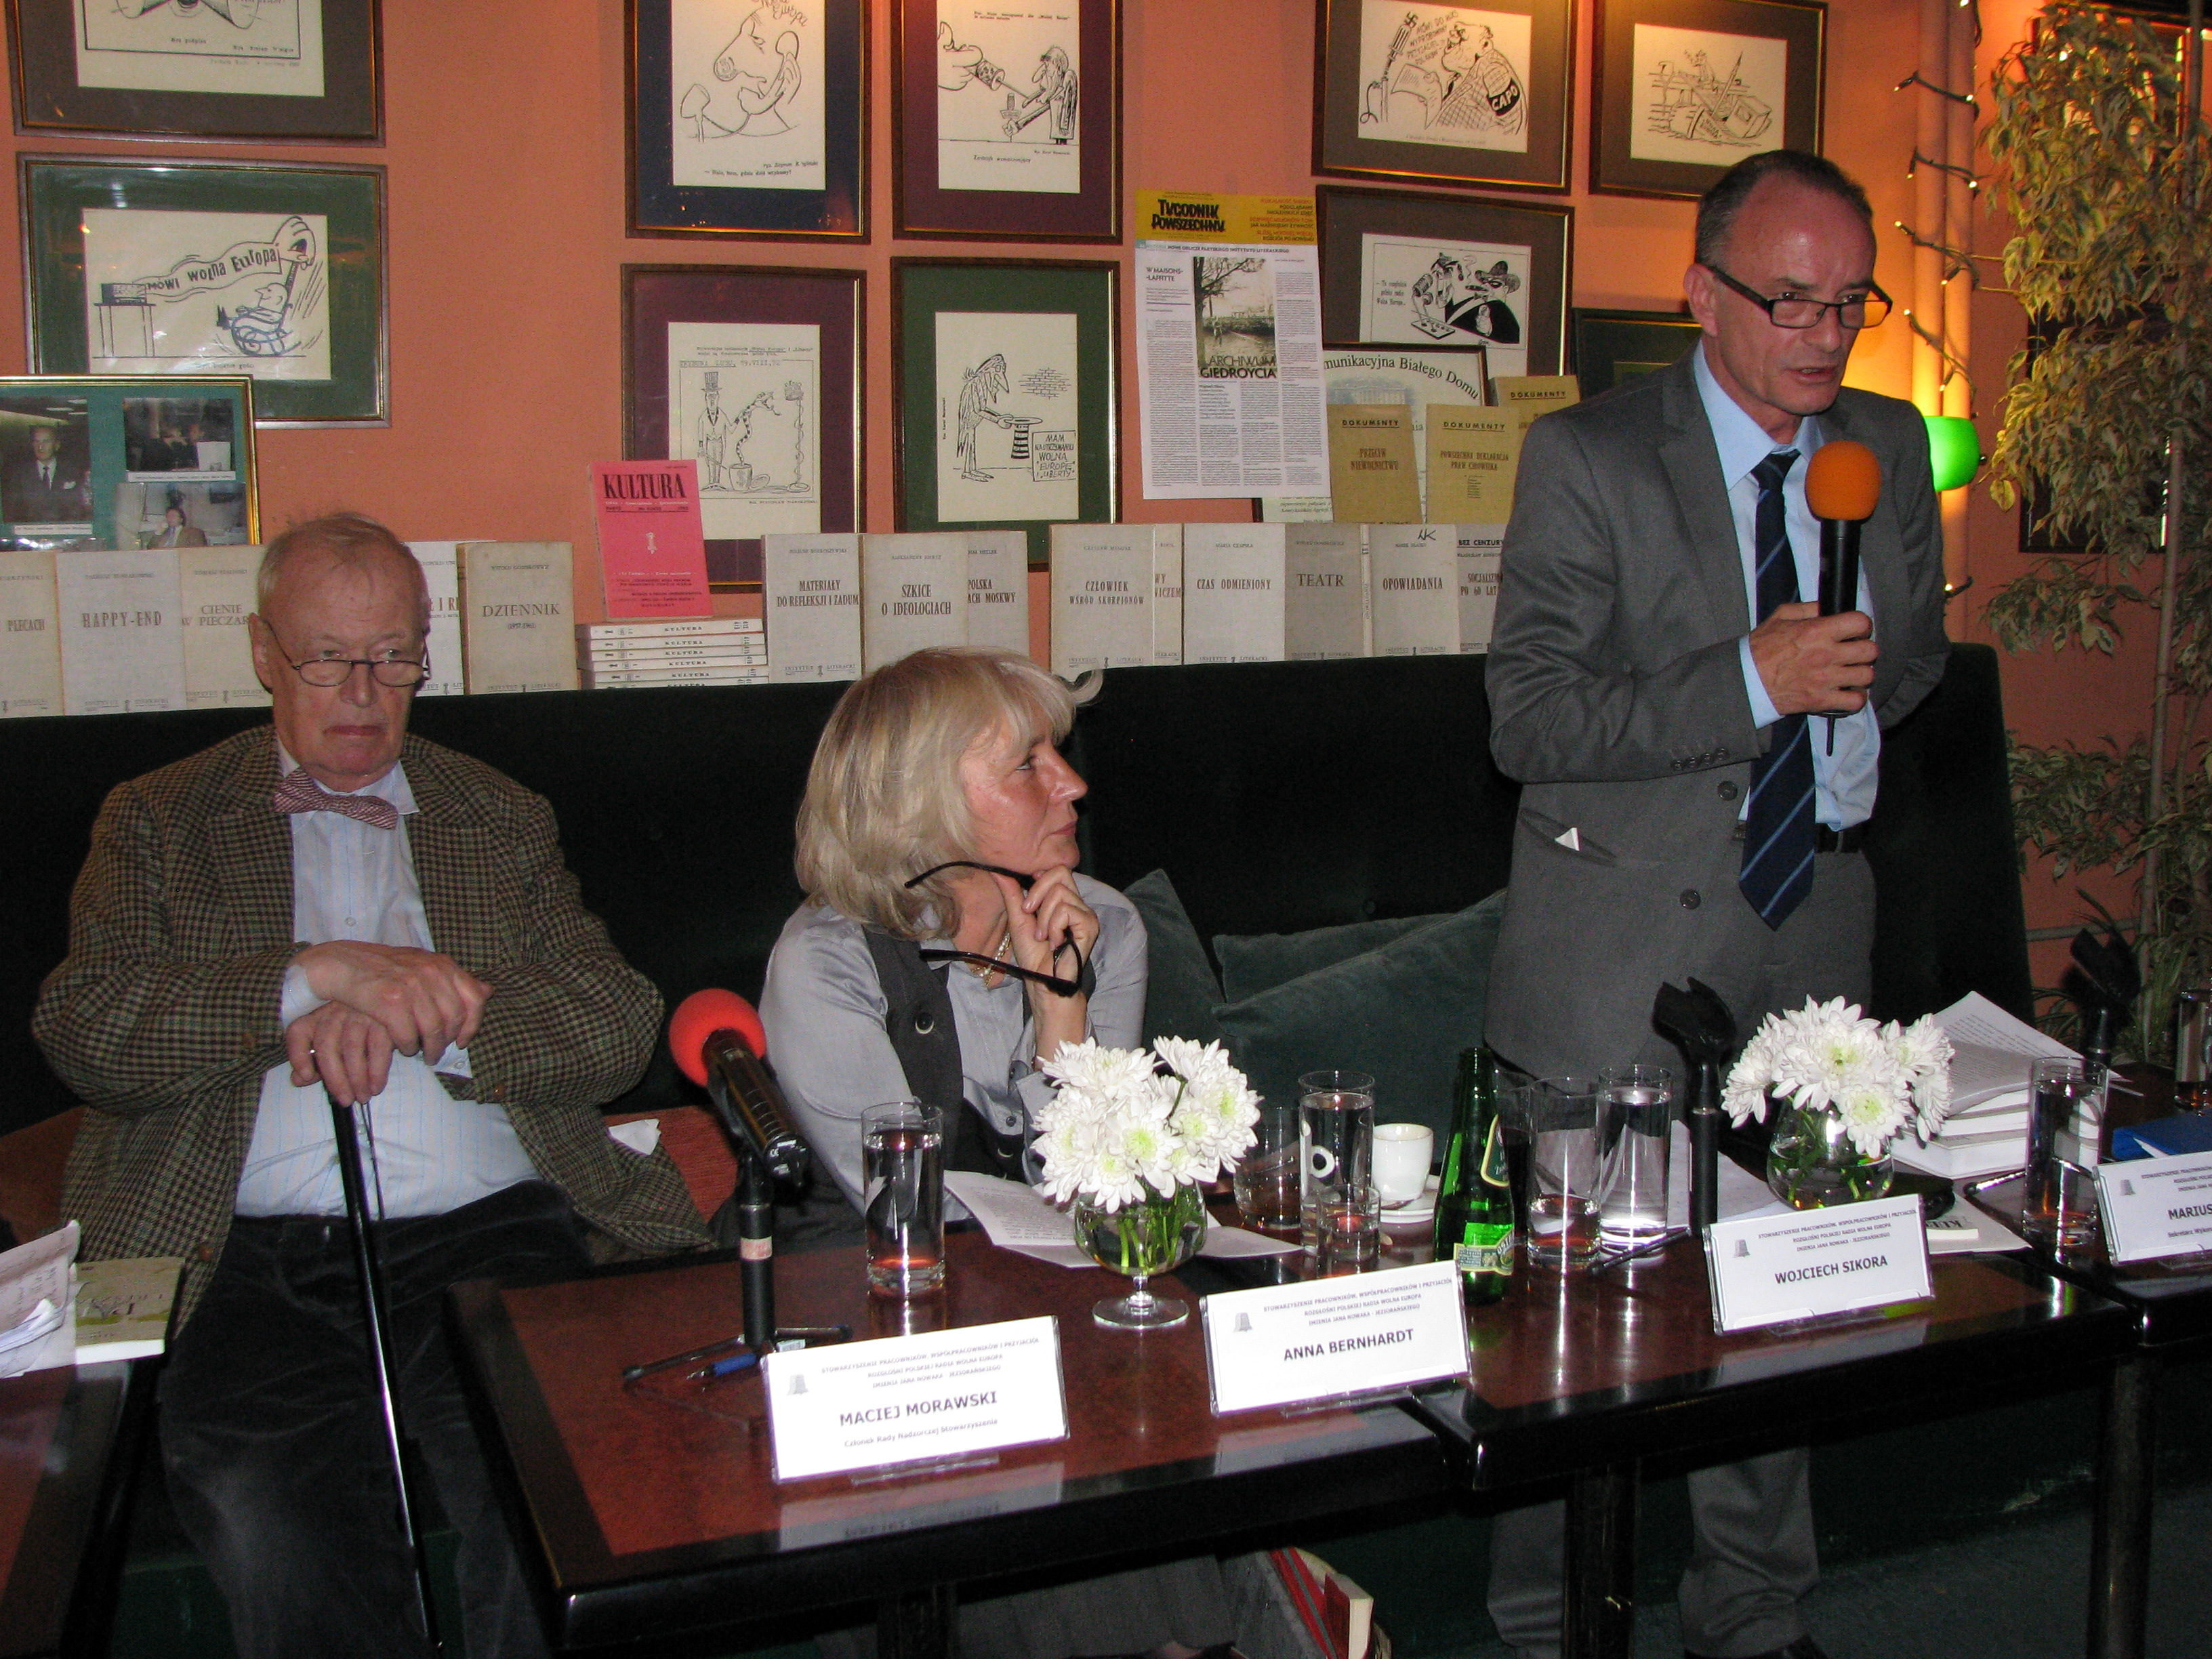 Anna Bernhardt file:2012.10.24. maciej morawski and anna bernhardt and